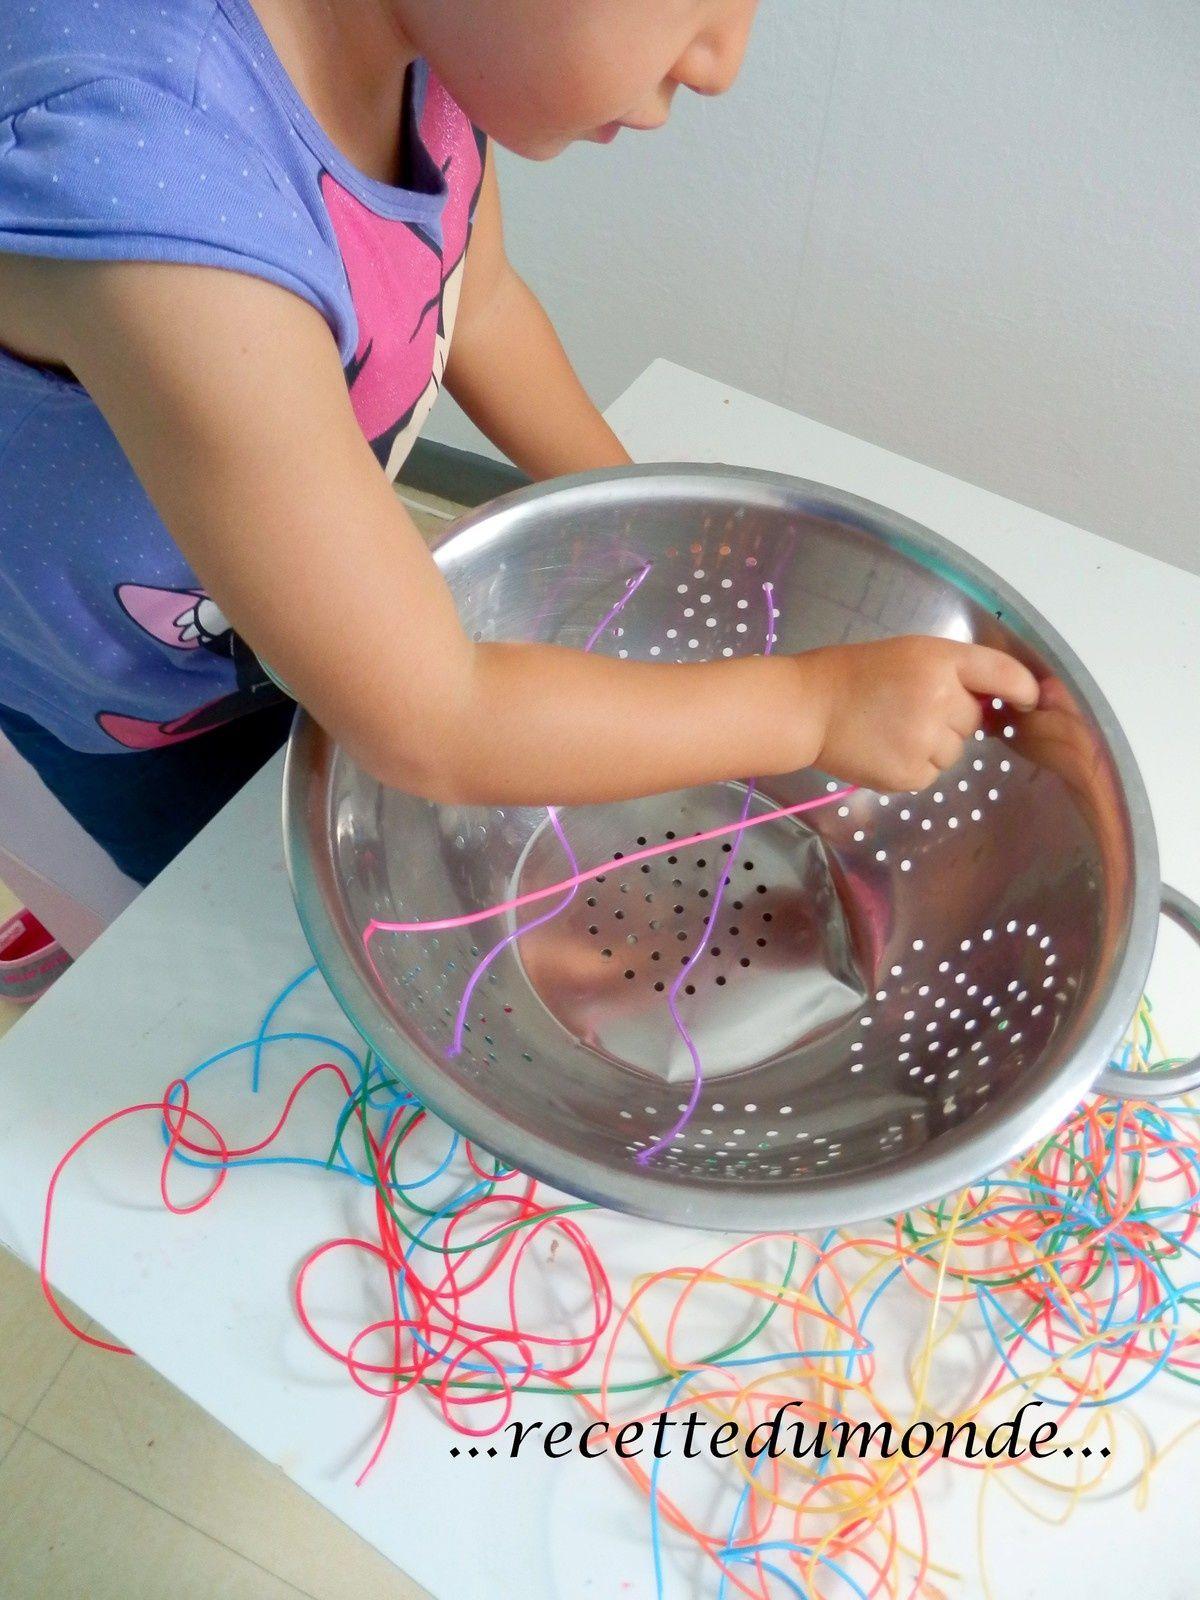 motricit fine activit s enfants moins de 5 6 ans. Black Bedroom Furniture Sets. Home Design Ideas